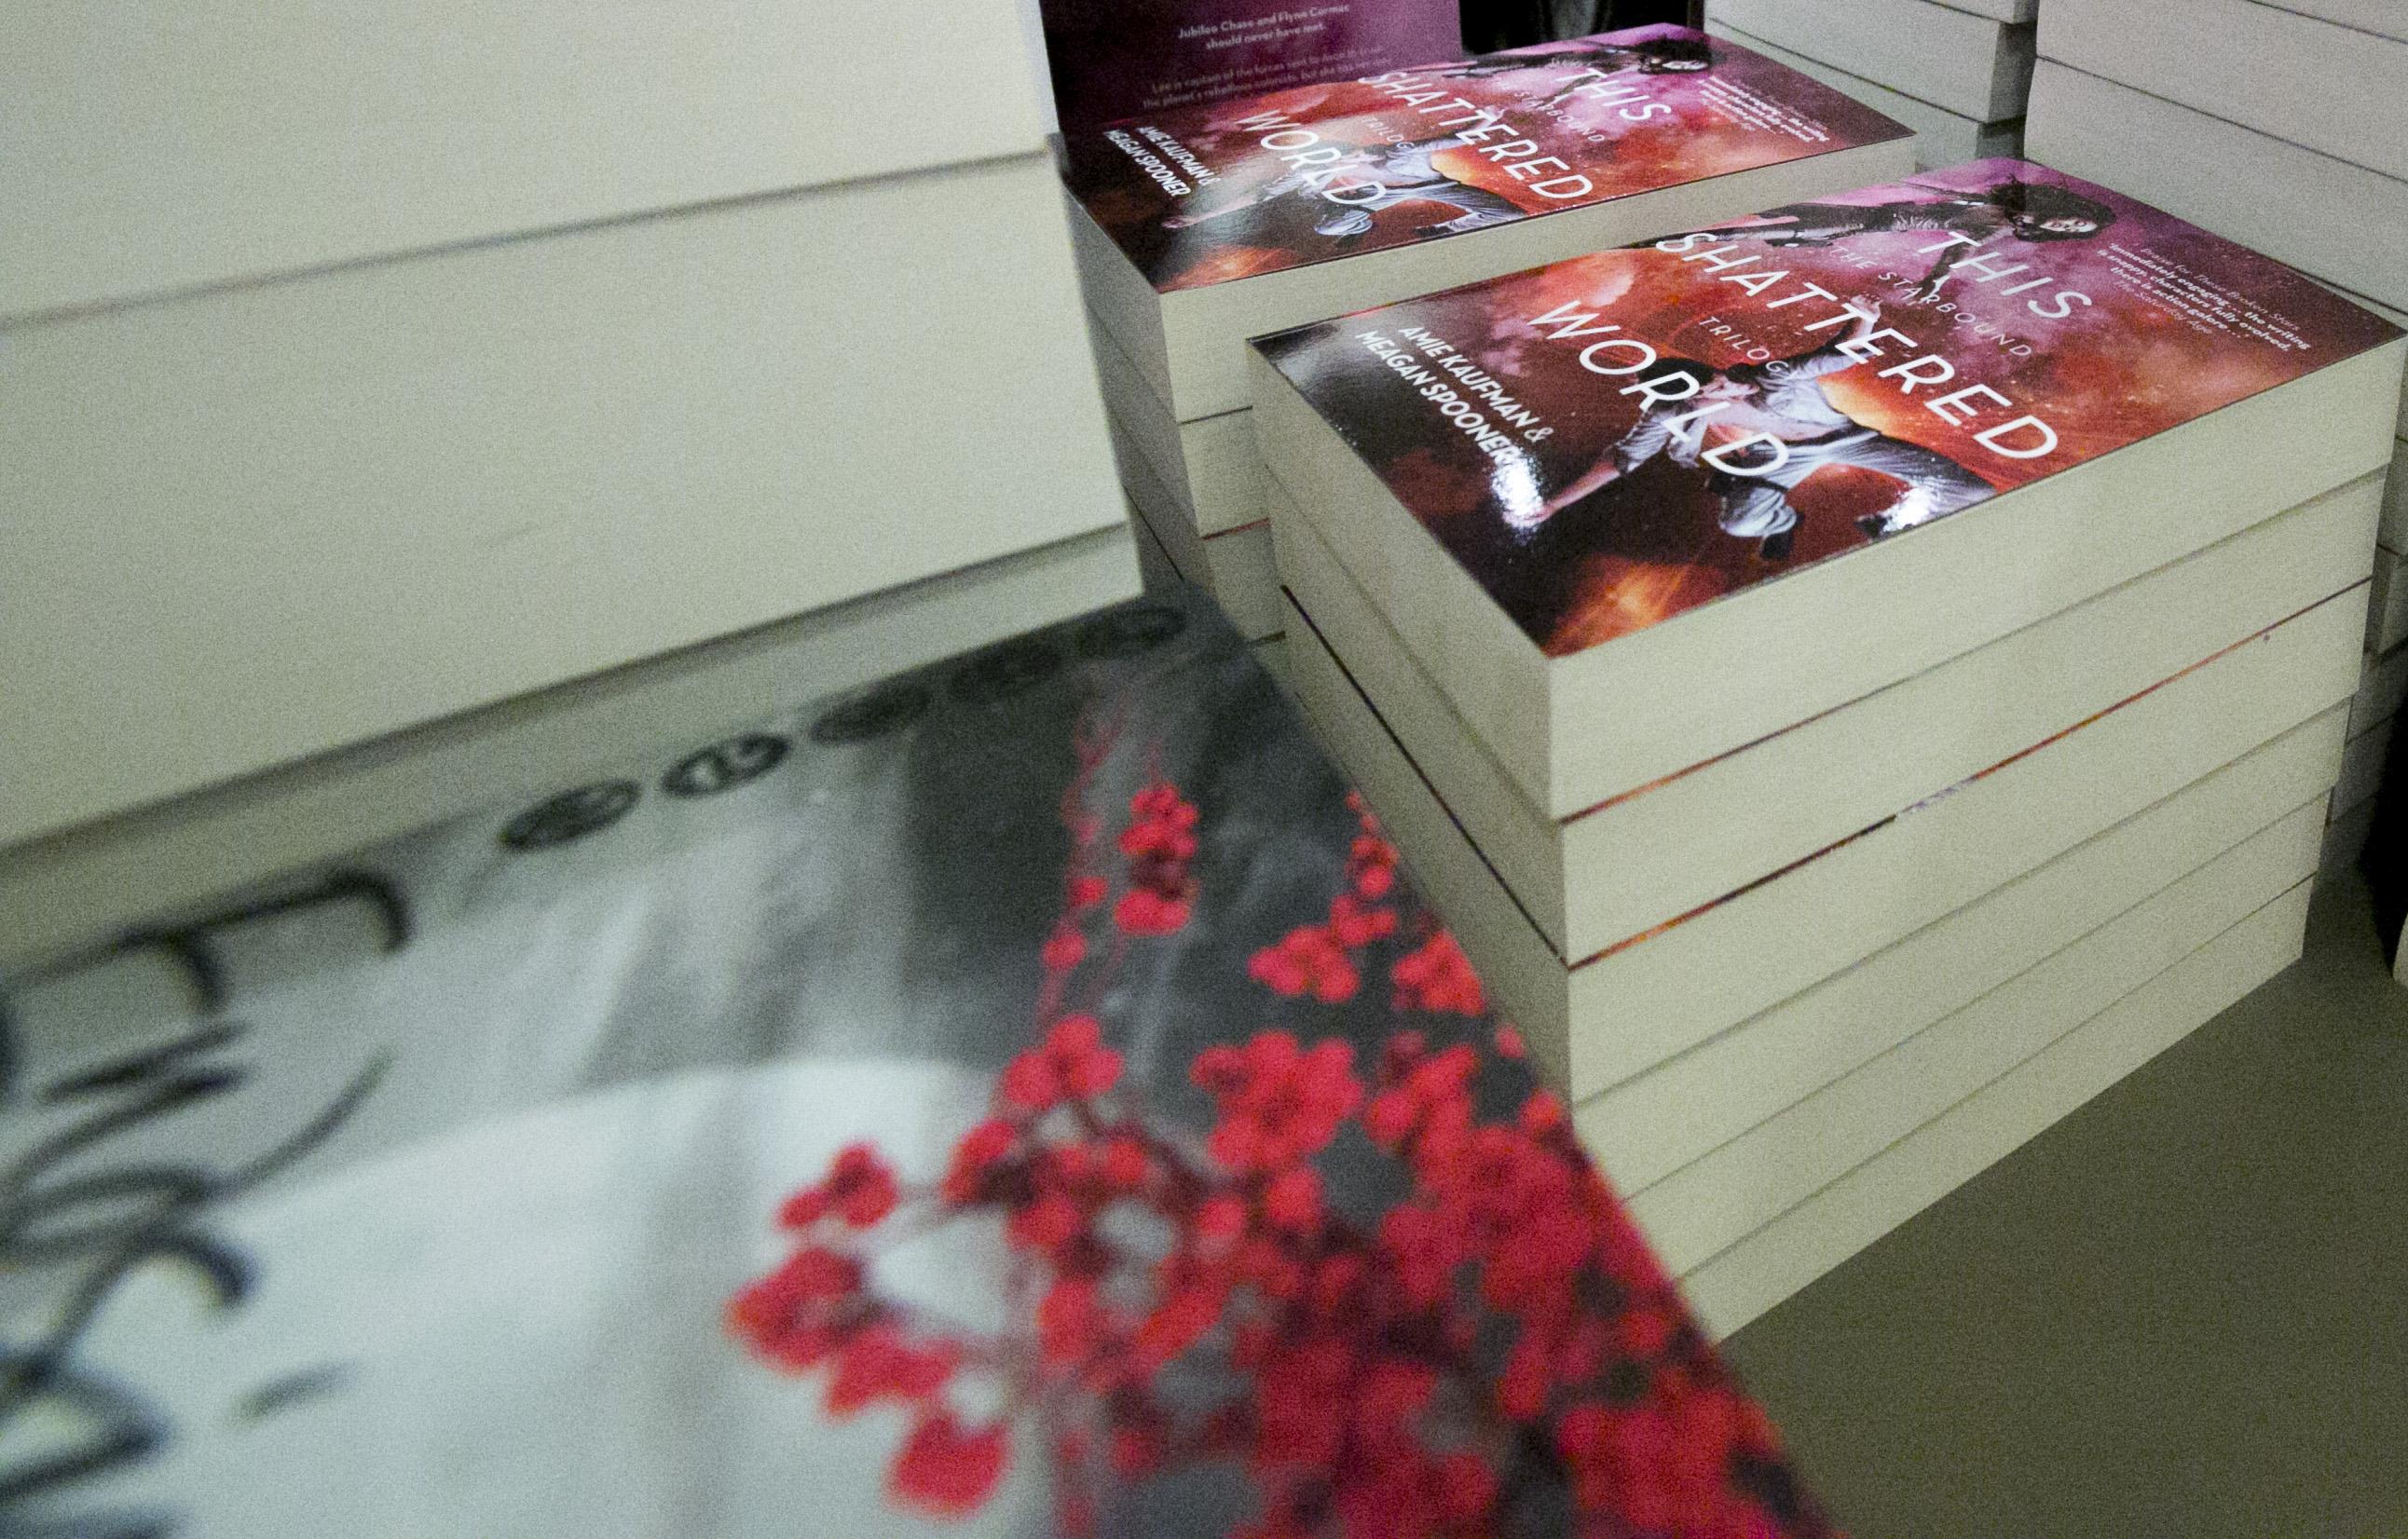 201411212014-11-21 - Endsinger Book Launch -001